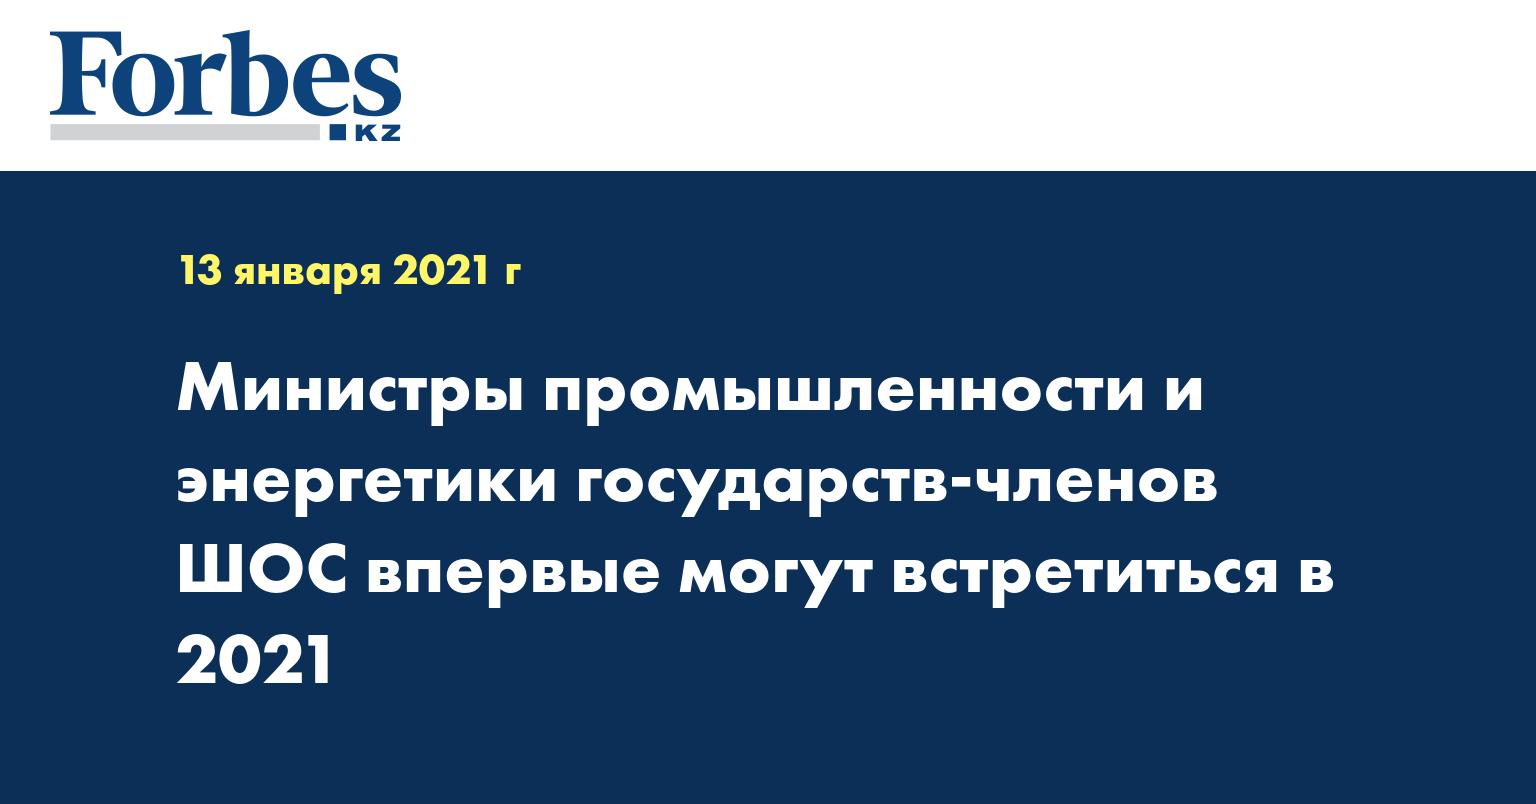 Министры промышленности и энергетики государств-членов ШОС впервые могут встретиться в 2021